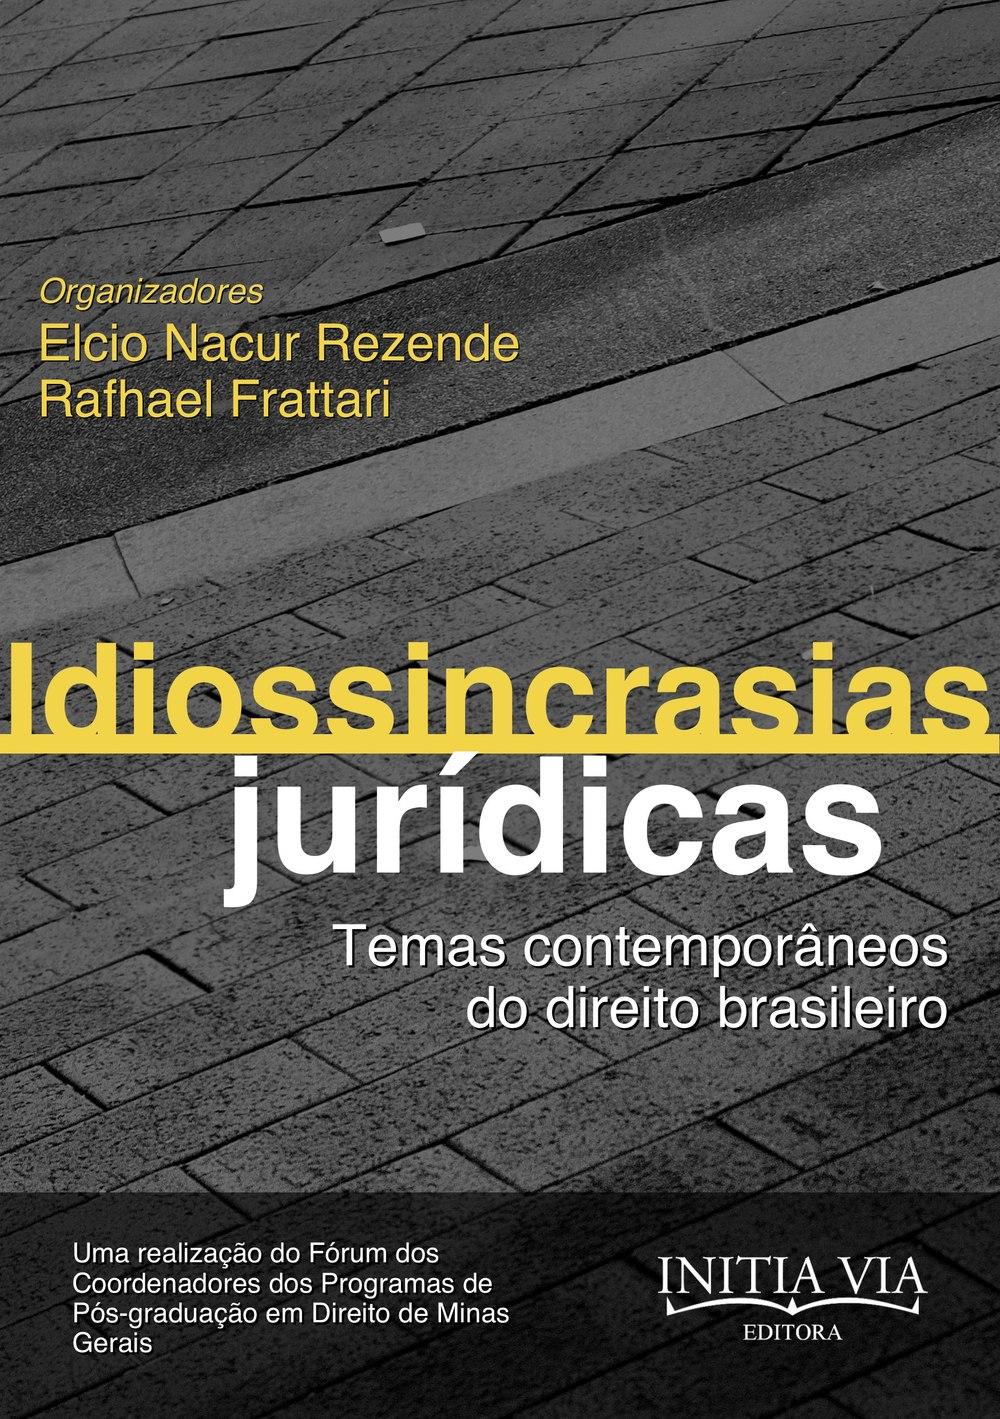 idiossincrasias_capa.jpg